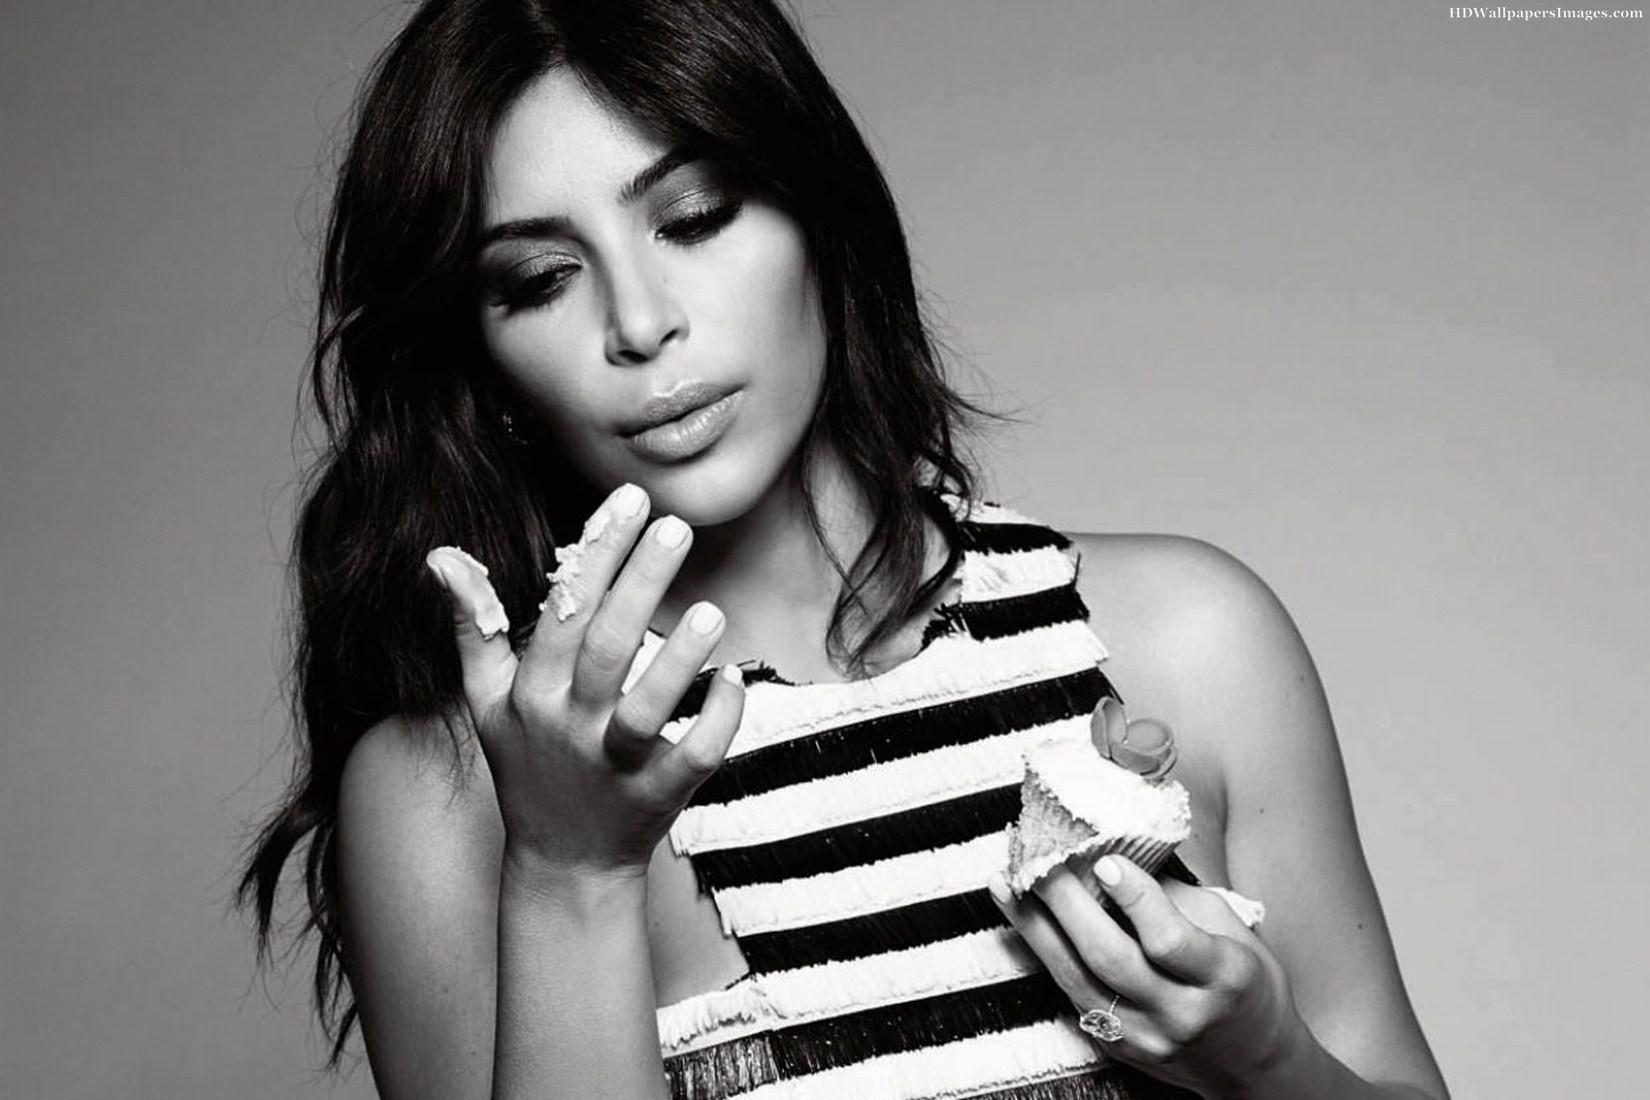 Kim Kardashian Pictures 2015 12 Hd Wallpaper   ListToday 1650x1100